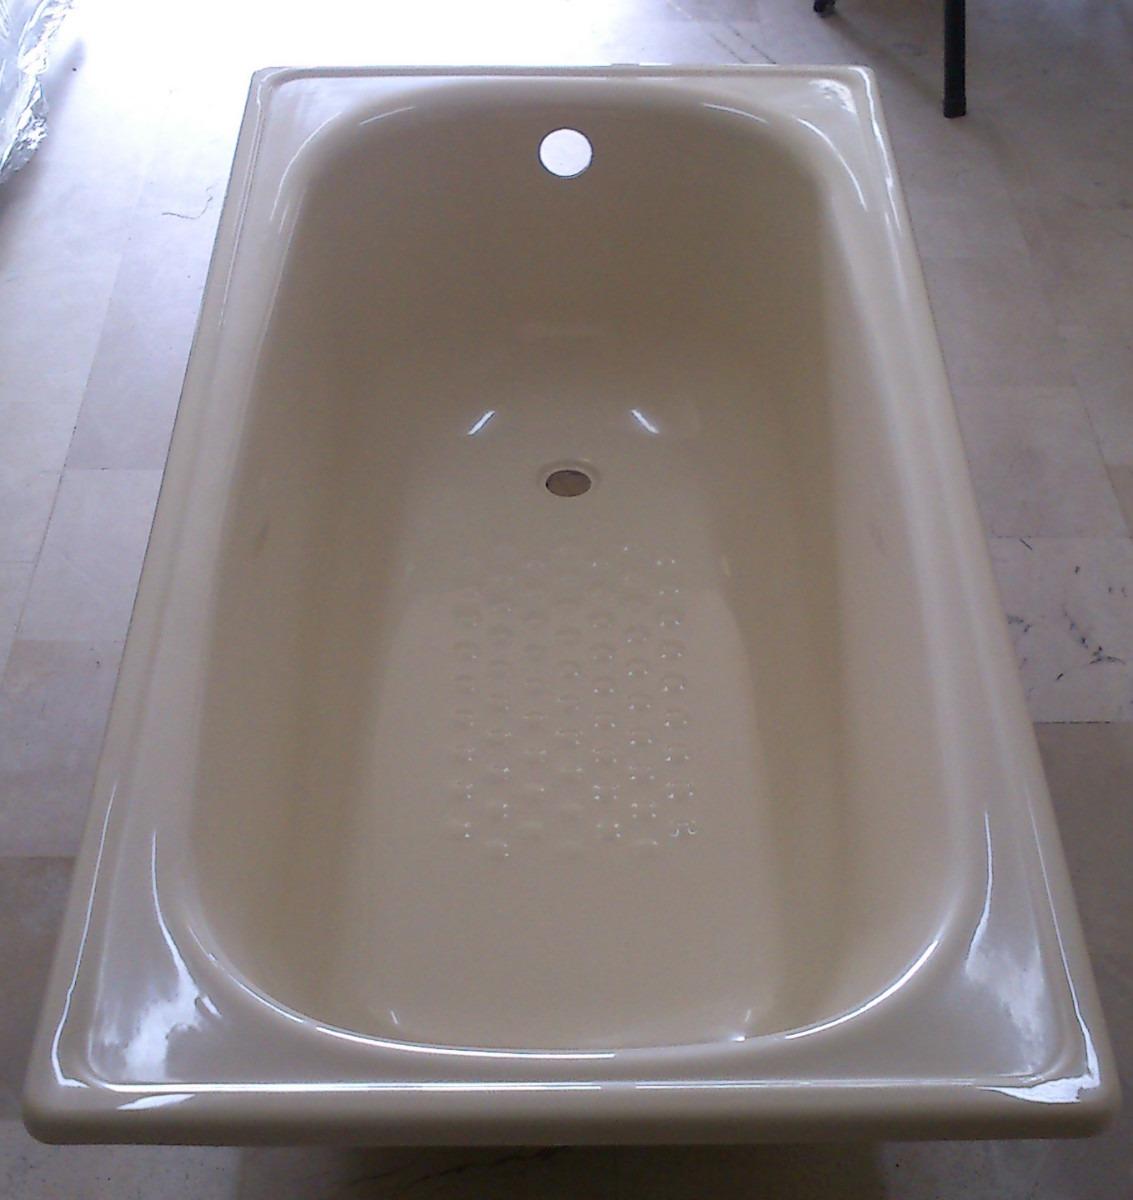 Baño De Tina Con Hierbas:repite la última realizada Escribe tu pregunta